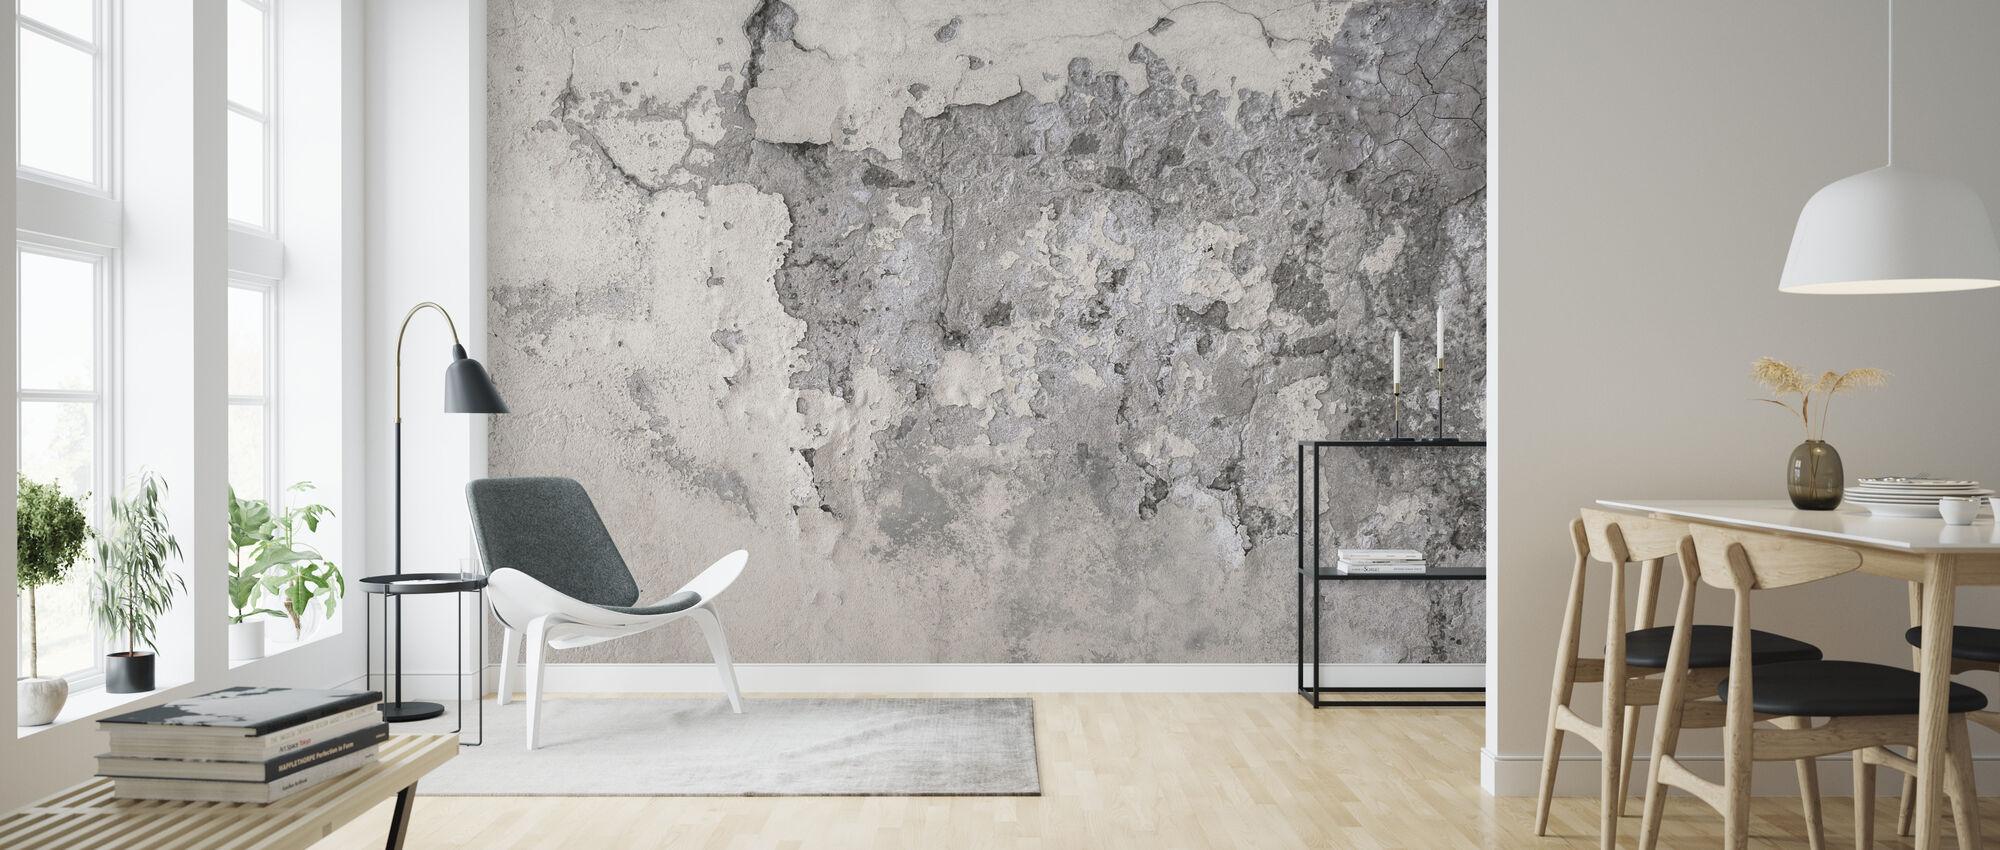 Oude gebarsten muur - Behang - Woonkamer